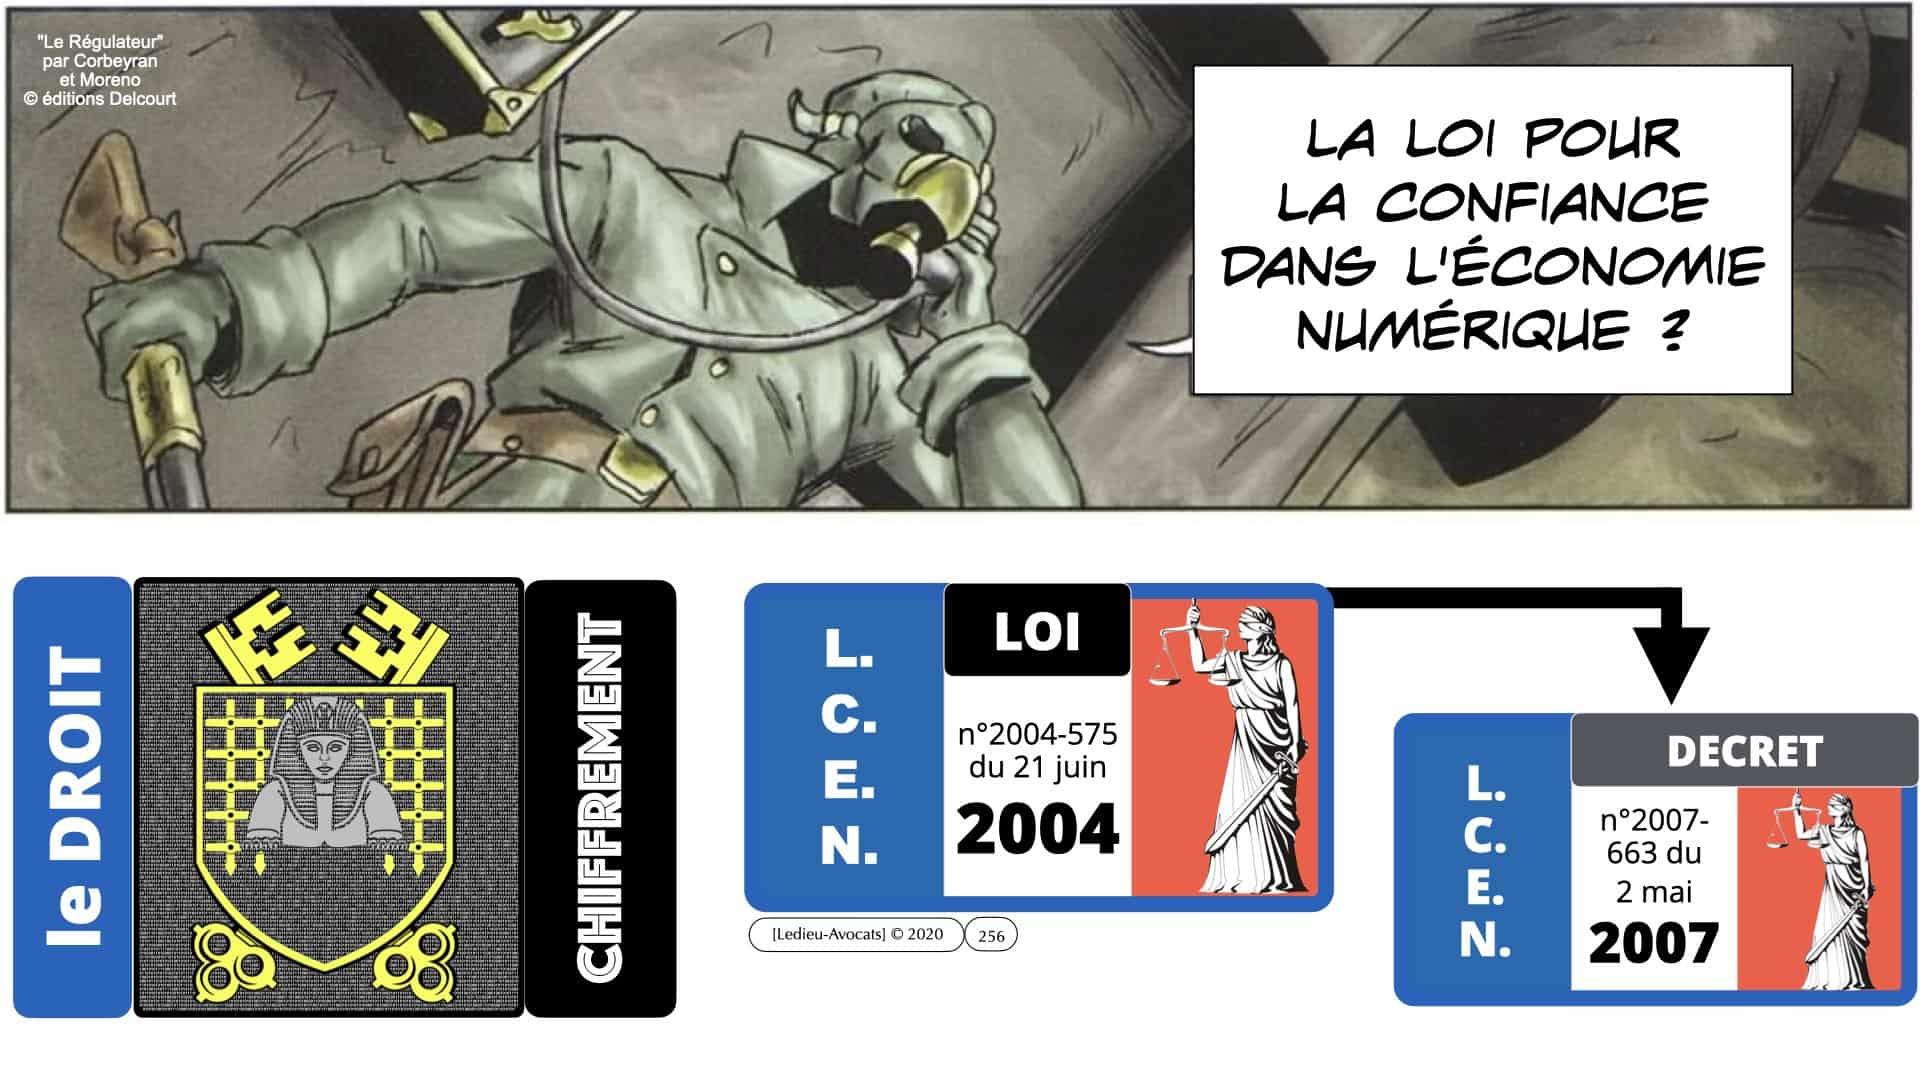 RGPD e-Privacy données personnelles jurisprudence formation Lamy Les Echos 10-02-2021 ©Ledieu-Avocats.256